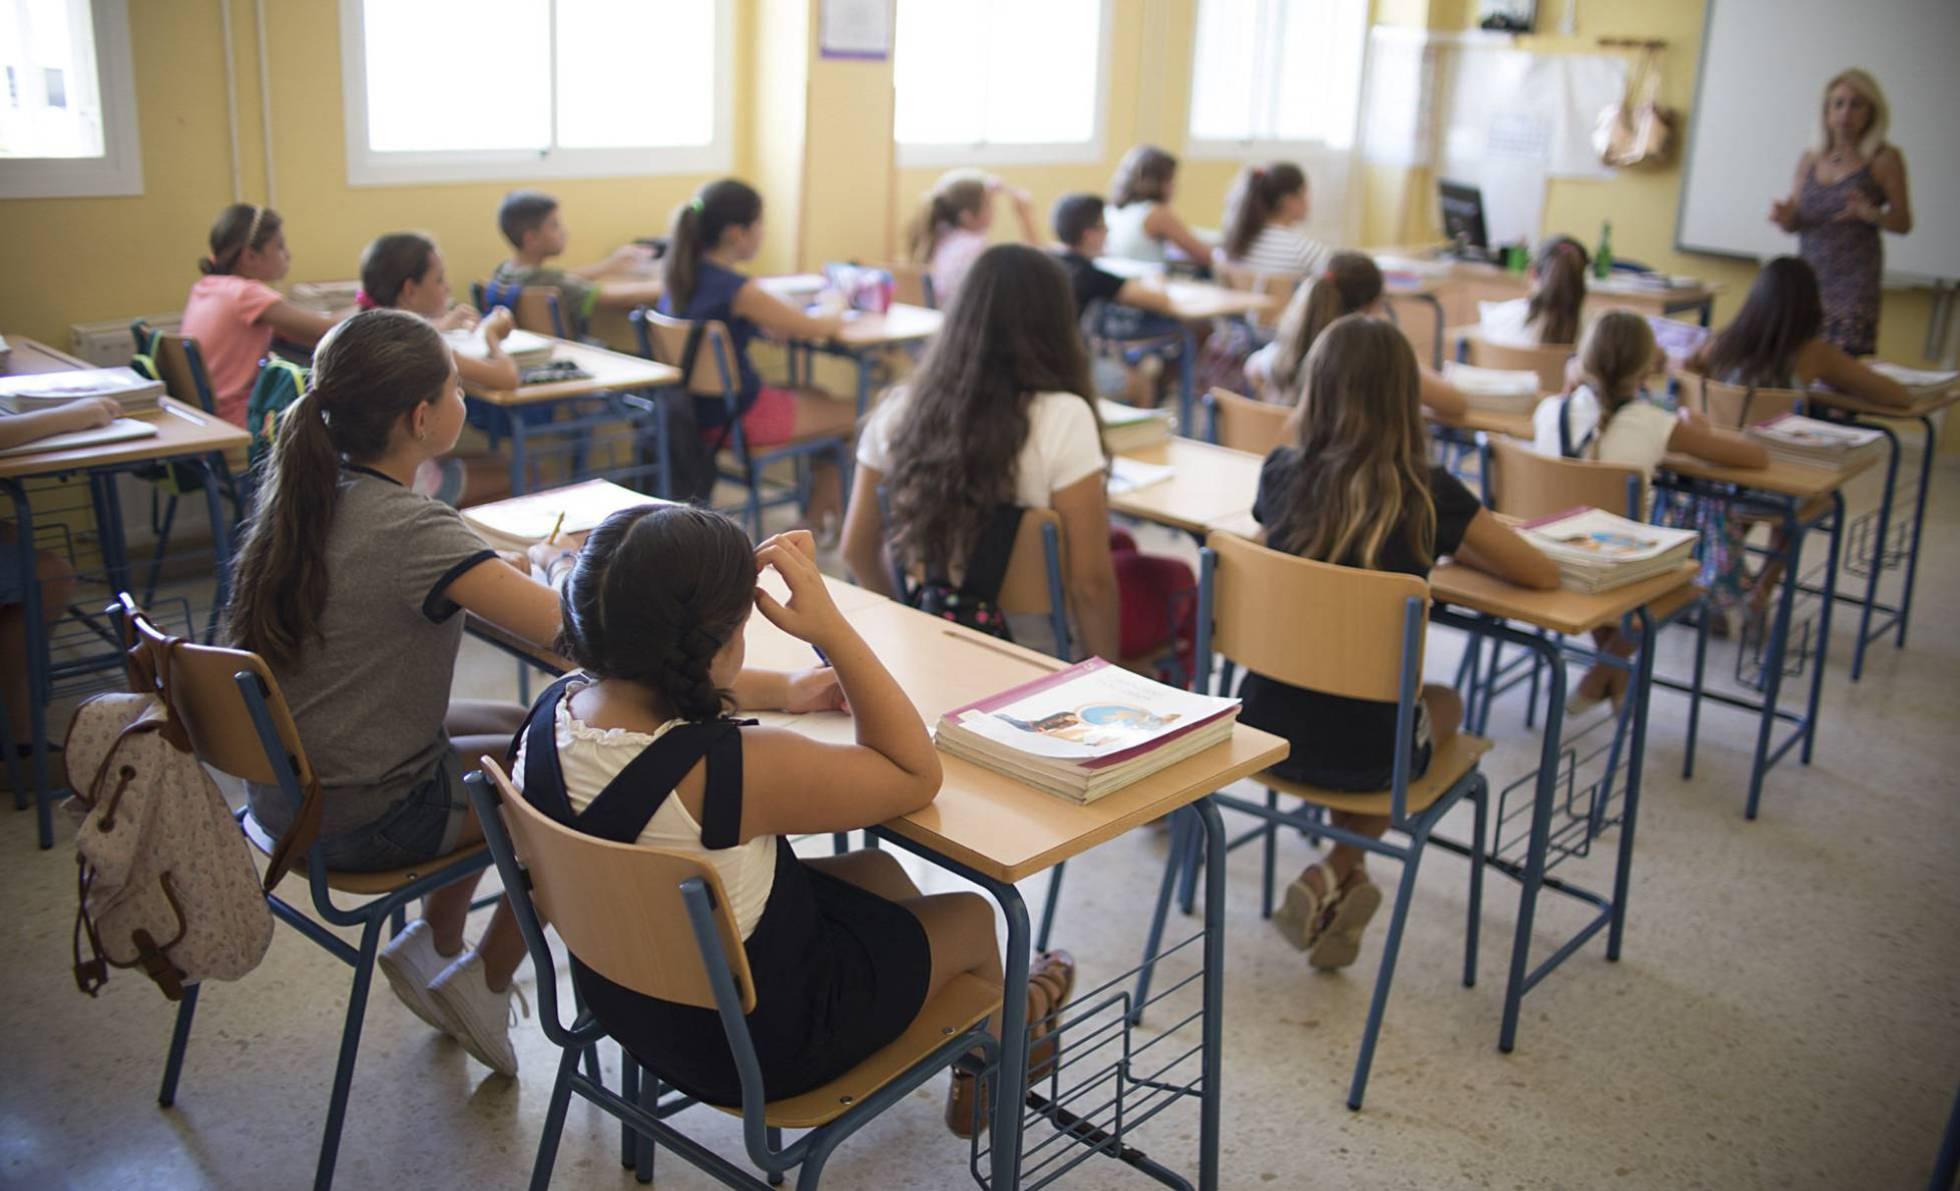 Почему увеличение количества учебных часов в испанских школах не улучшило результаты студентов?